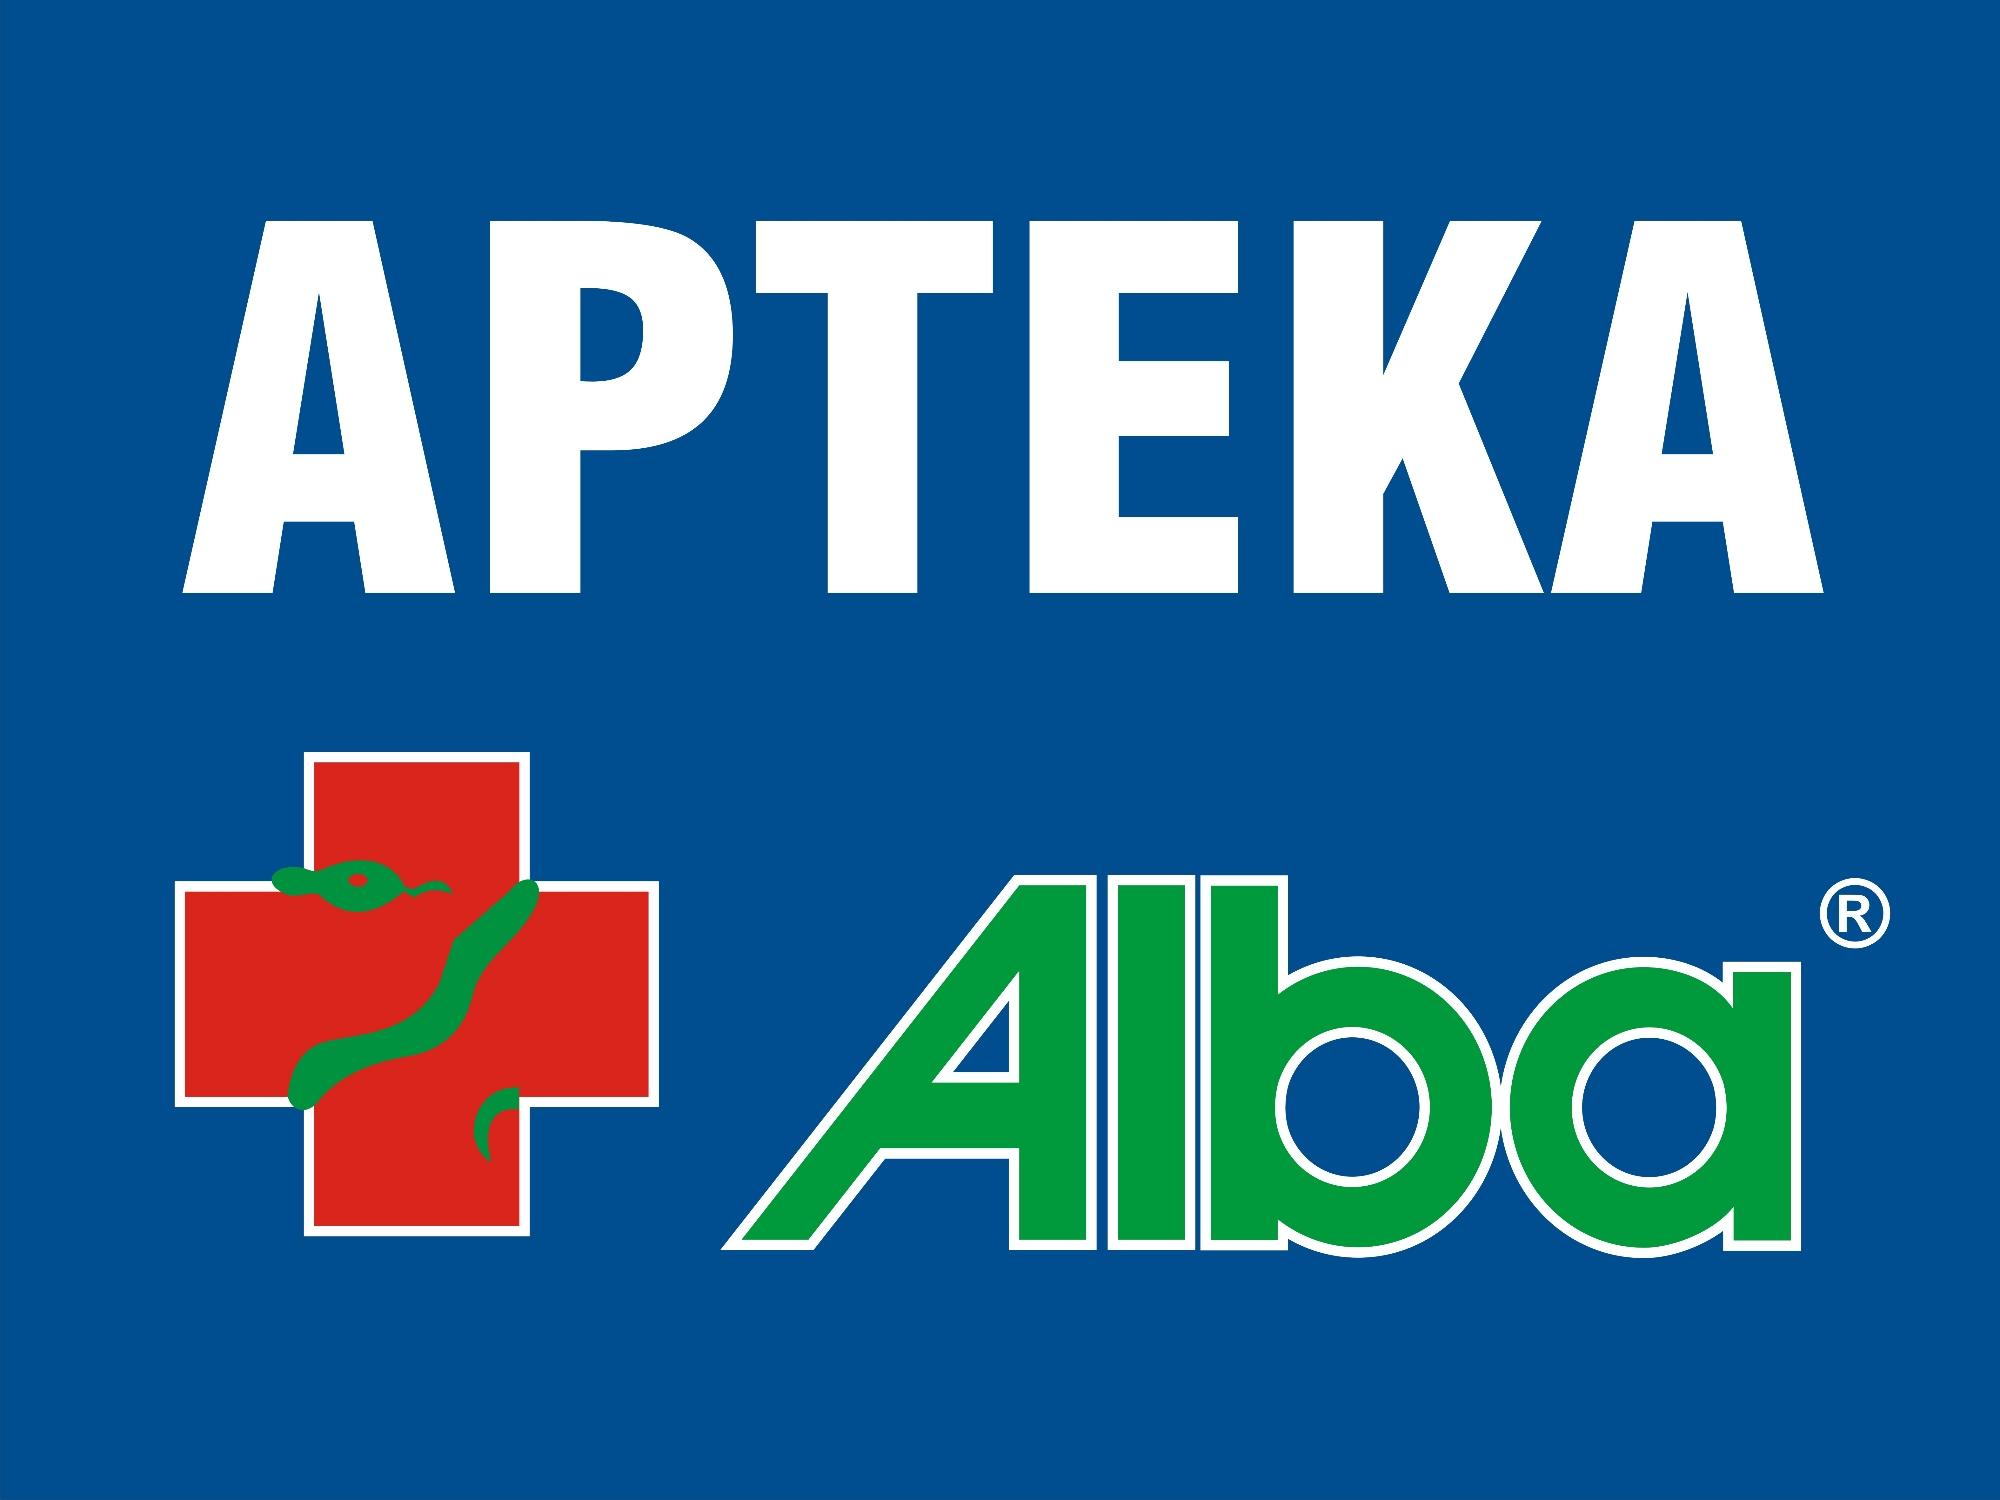 eapteka - Alba. Apteka całodobowa zdjęcie 1